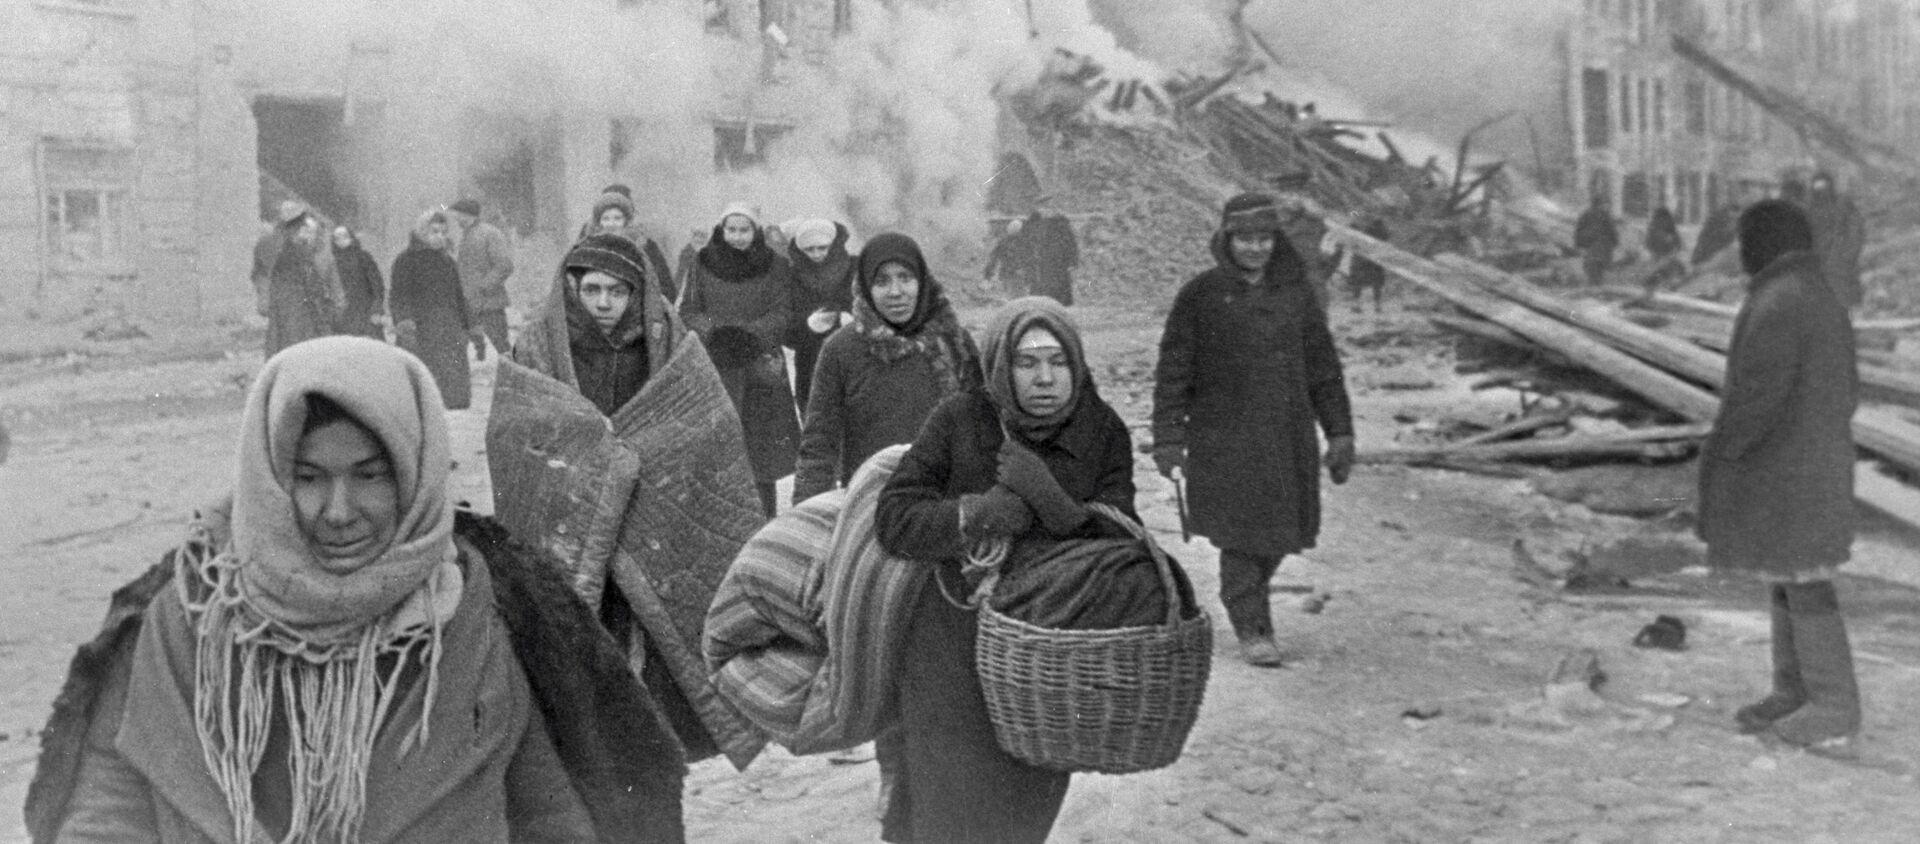 ლენინგრადის ბლოკადა - Sputnik საქართველო, 1920, 28.04.2021